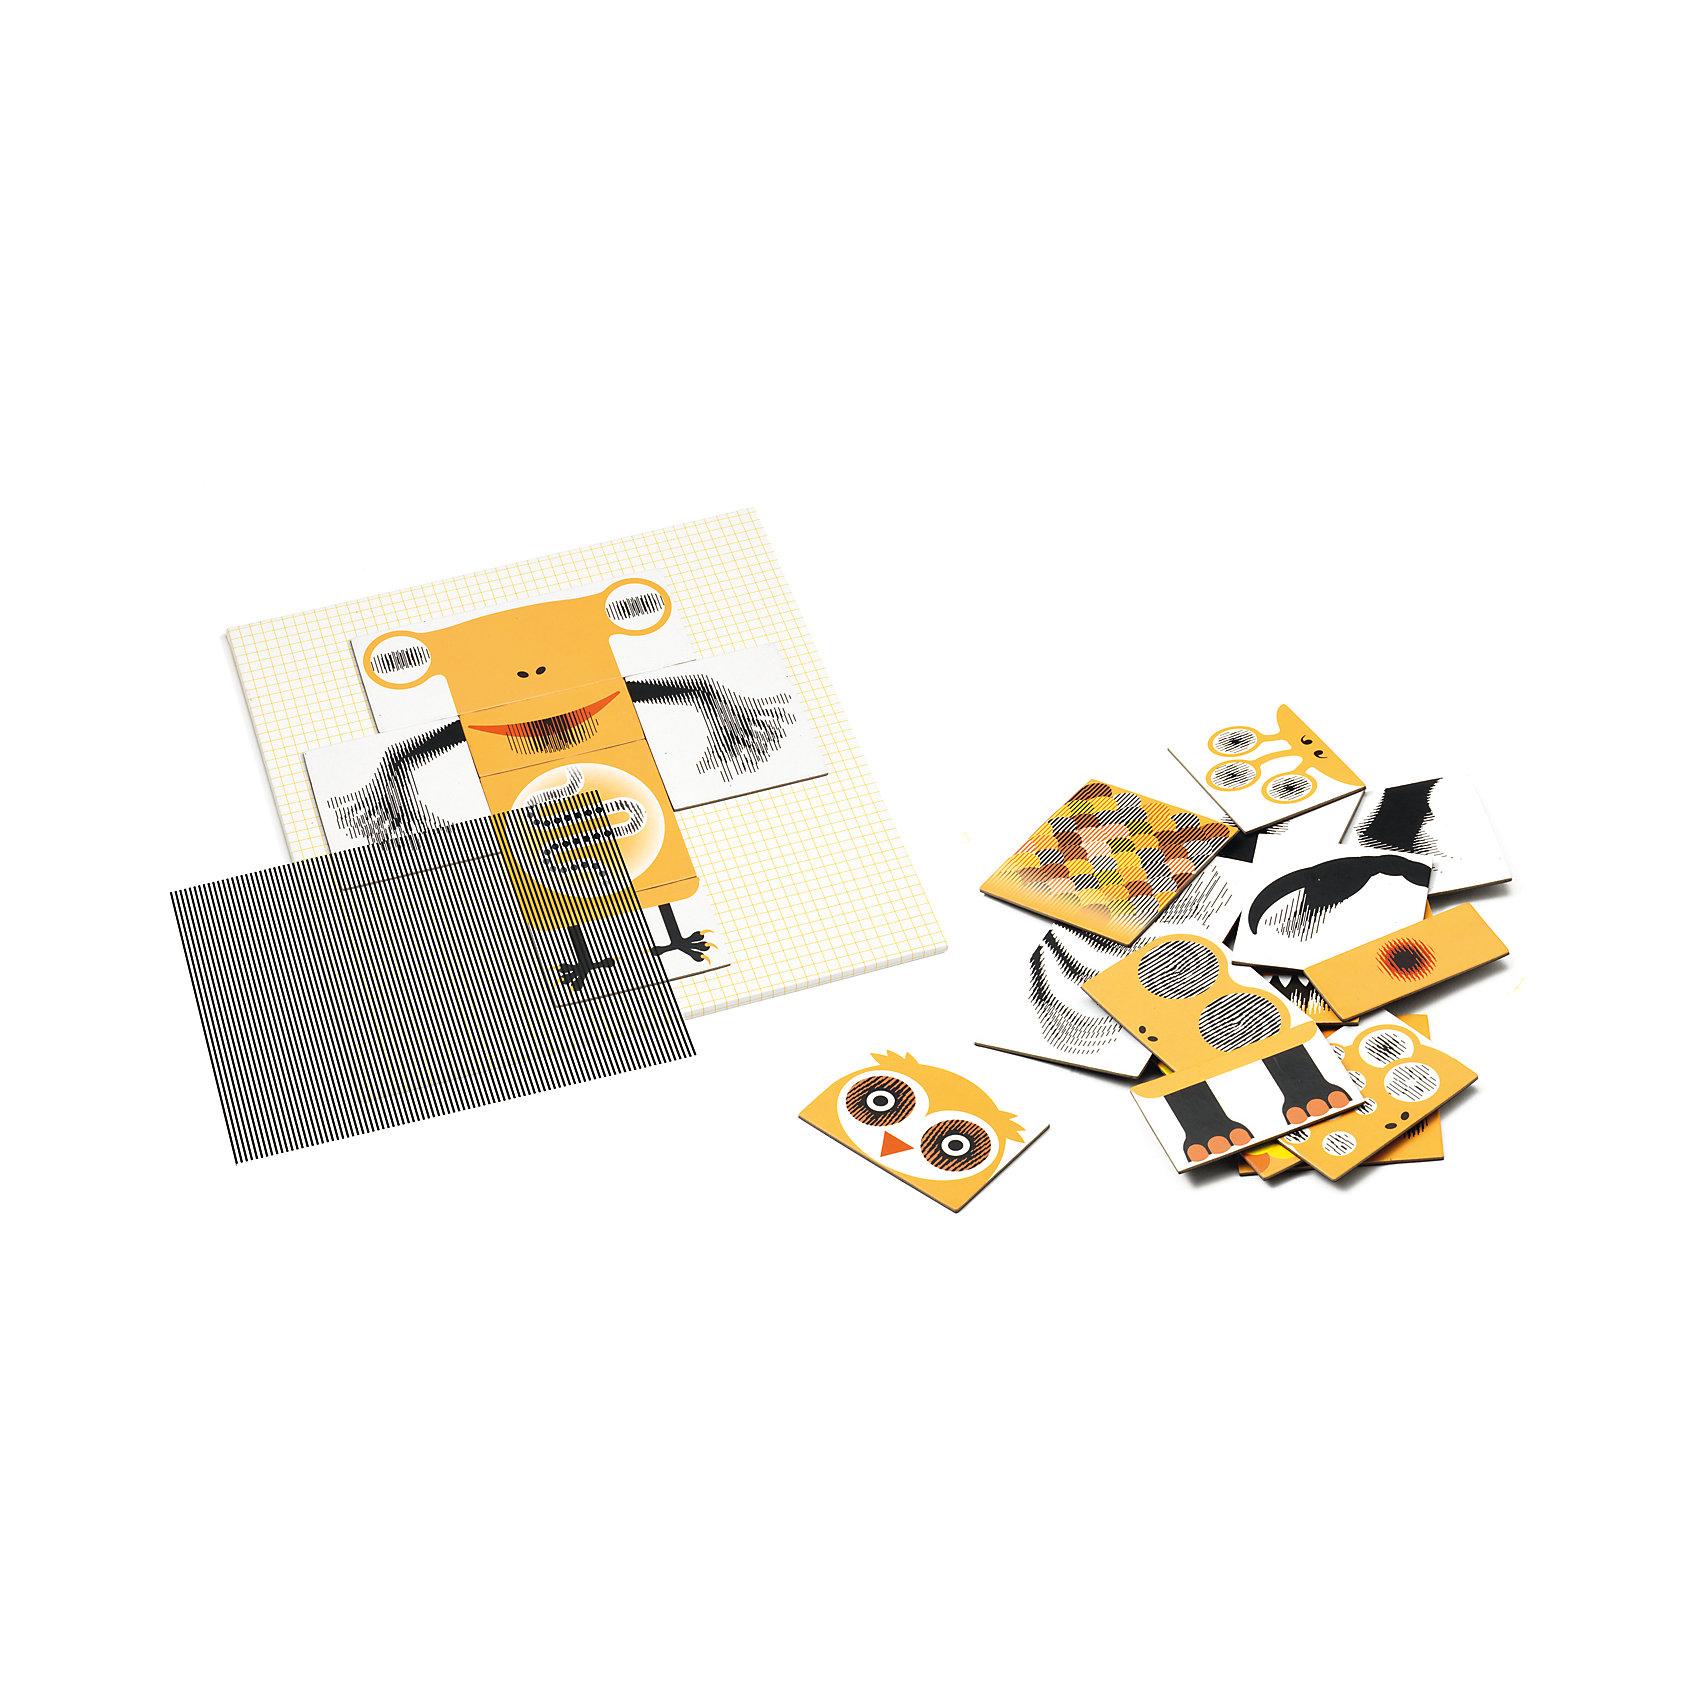 Пазл-аниматор Монстр, DJECO<br>Пазл-аниматор Монстр, DJECO (Джеко).<br><br>Характеристика:<br><br>• Материал: картон, магнит, пластик.   <br>• Размер упаковки: 23 х 23 х 5 см.<br>• Размер картинки: 21,5 х 21,5 см.<br>• Комплектация: магнитный лист-основа, 2 оптик-листа, 25 частей пазла, инструкция с примерами.<br>• Отдельные детали пазла двигаются. <br>• Развивает моторику рук, внимание и фантазию.<br>• Оригинальный красочный дизайн.<br>• Рекомендован для детей от 5 лет. <br><br>Пазлы-аниматоры Киноптик от французского бренда Джеко приведут в восторг любого ребенка! С этим чудесным набором дети смогут создать забавных монстриков, а затем оживить их! Нужно лишь собрать из деталей картинку, приложить к ней специальный прозрачный лист и провести по нему рукой: очаровательные монстры оживут и будут двигаться!  <br>Все детали набора выполнены из высококачественных нетоксичных материалов абсолютно безопасных для детей. Игра с пазлом - увлекательное и полезное занятие, развивающее моторику рук, внимание, фантазию и умение работать по инструкции. <br><br>Пазл-аниматор Монстр, DJECO (Джеко), можно купить в нашем интернет-магазине.<br><br>Ширина мм: 230<br>Глубина мм: 230<br>Высота мм: 50<br>Вес г: 800<br>Возраст от месяцев: 60<br>Возраст до месяцев: 2147483647<br>Пол: Унисекс<br>Возраст: Детский<br>SKU: 5218934